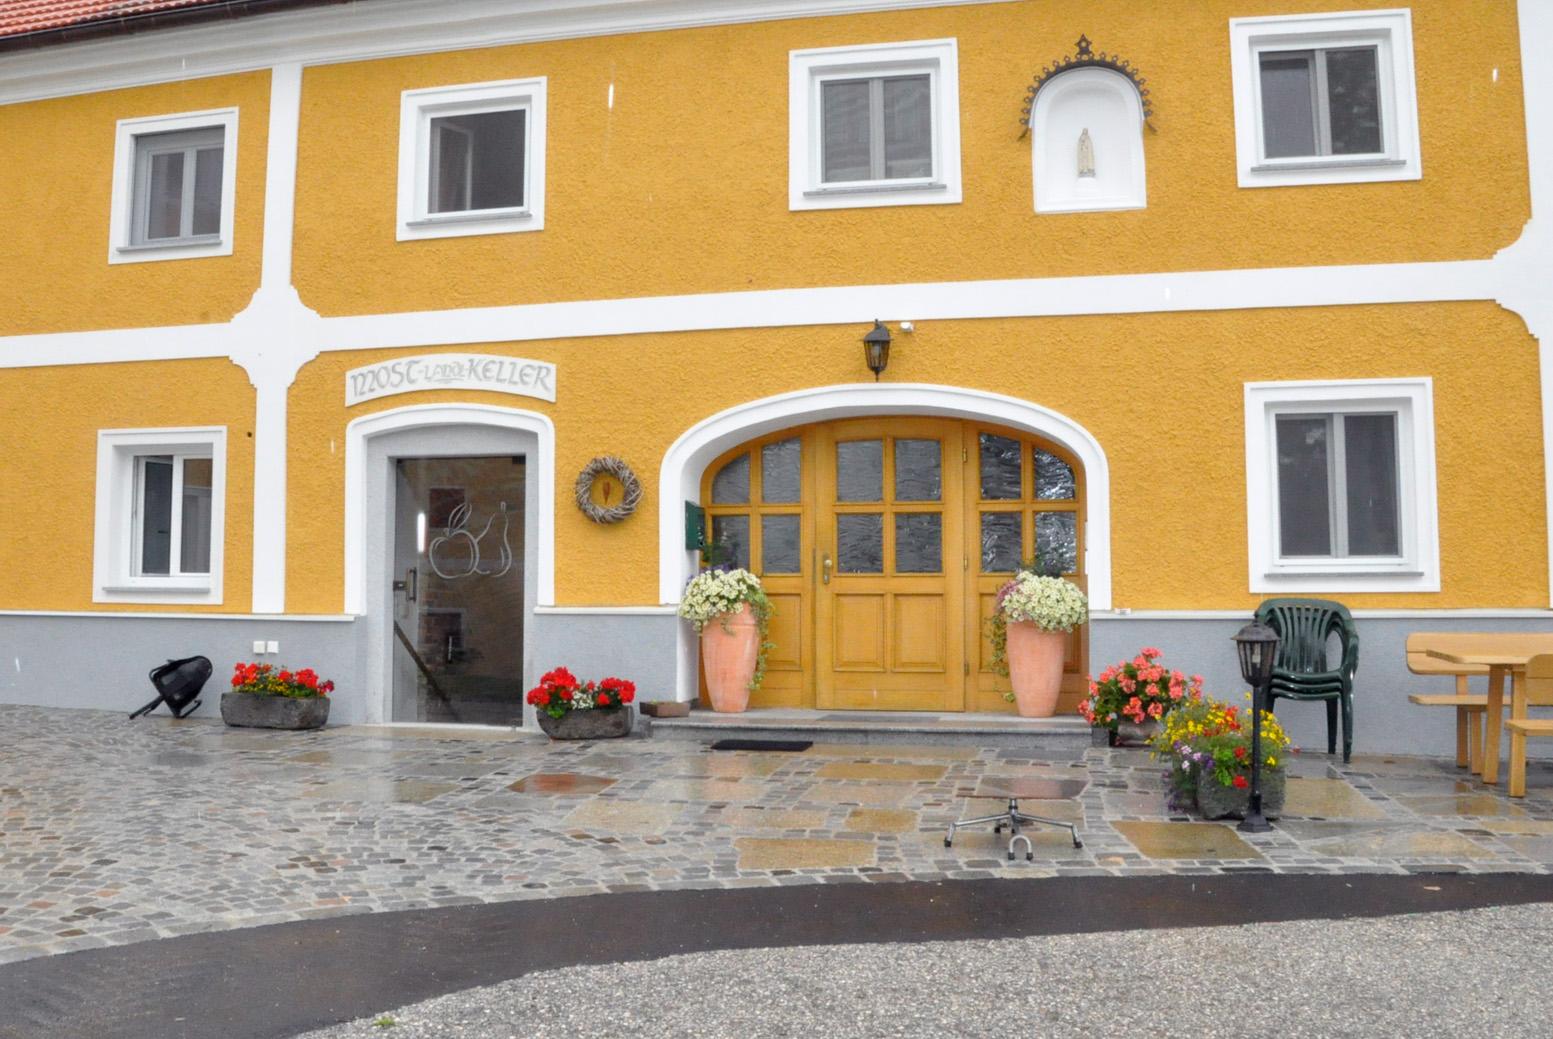 Treppen, Eingänge, Hauseingänge, Aussentreppen, Pflasterungen, Innviertel, Salzburg, Oberösterreich